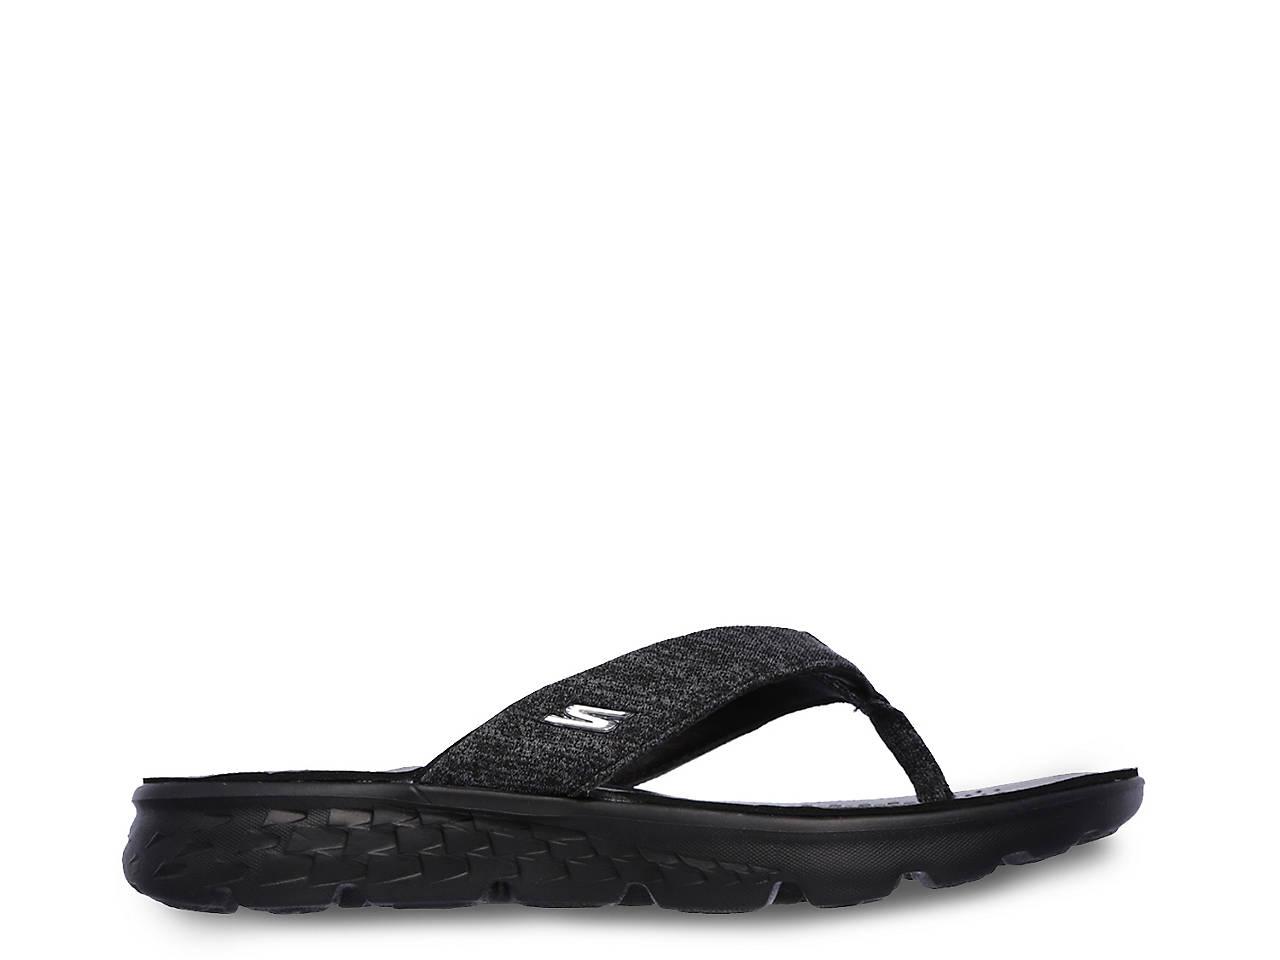 c2182ea79ff2 Skechers On The Go Vivacity Flip Flop Women s Shoes